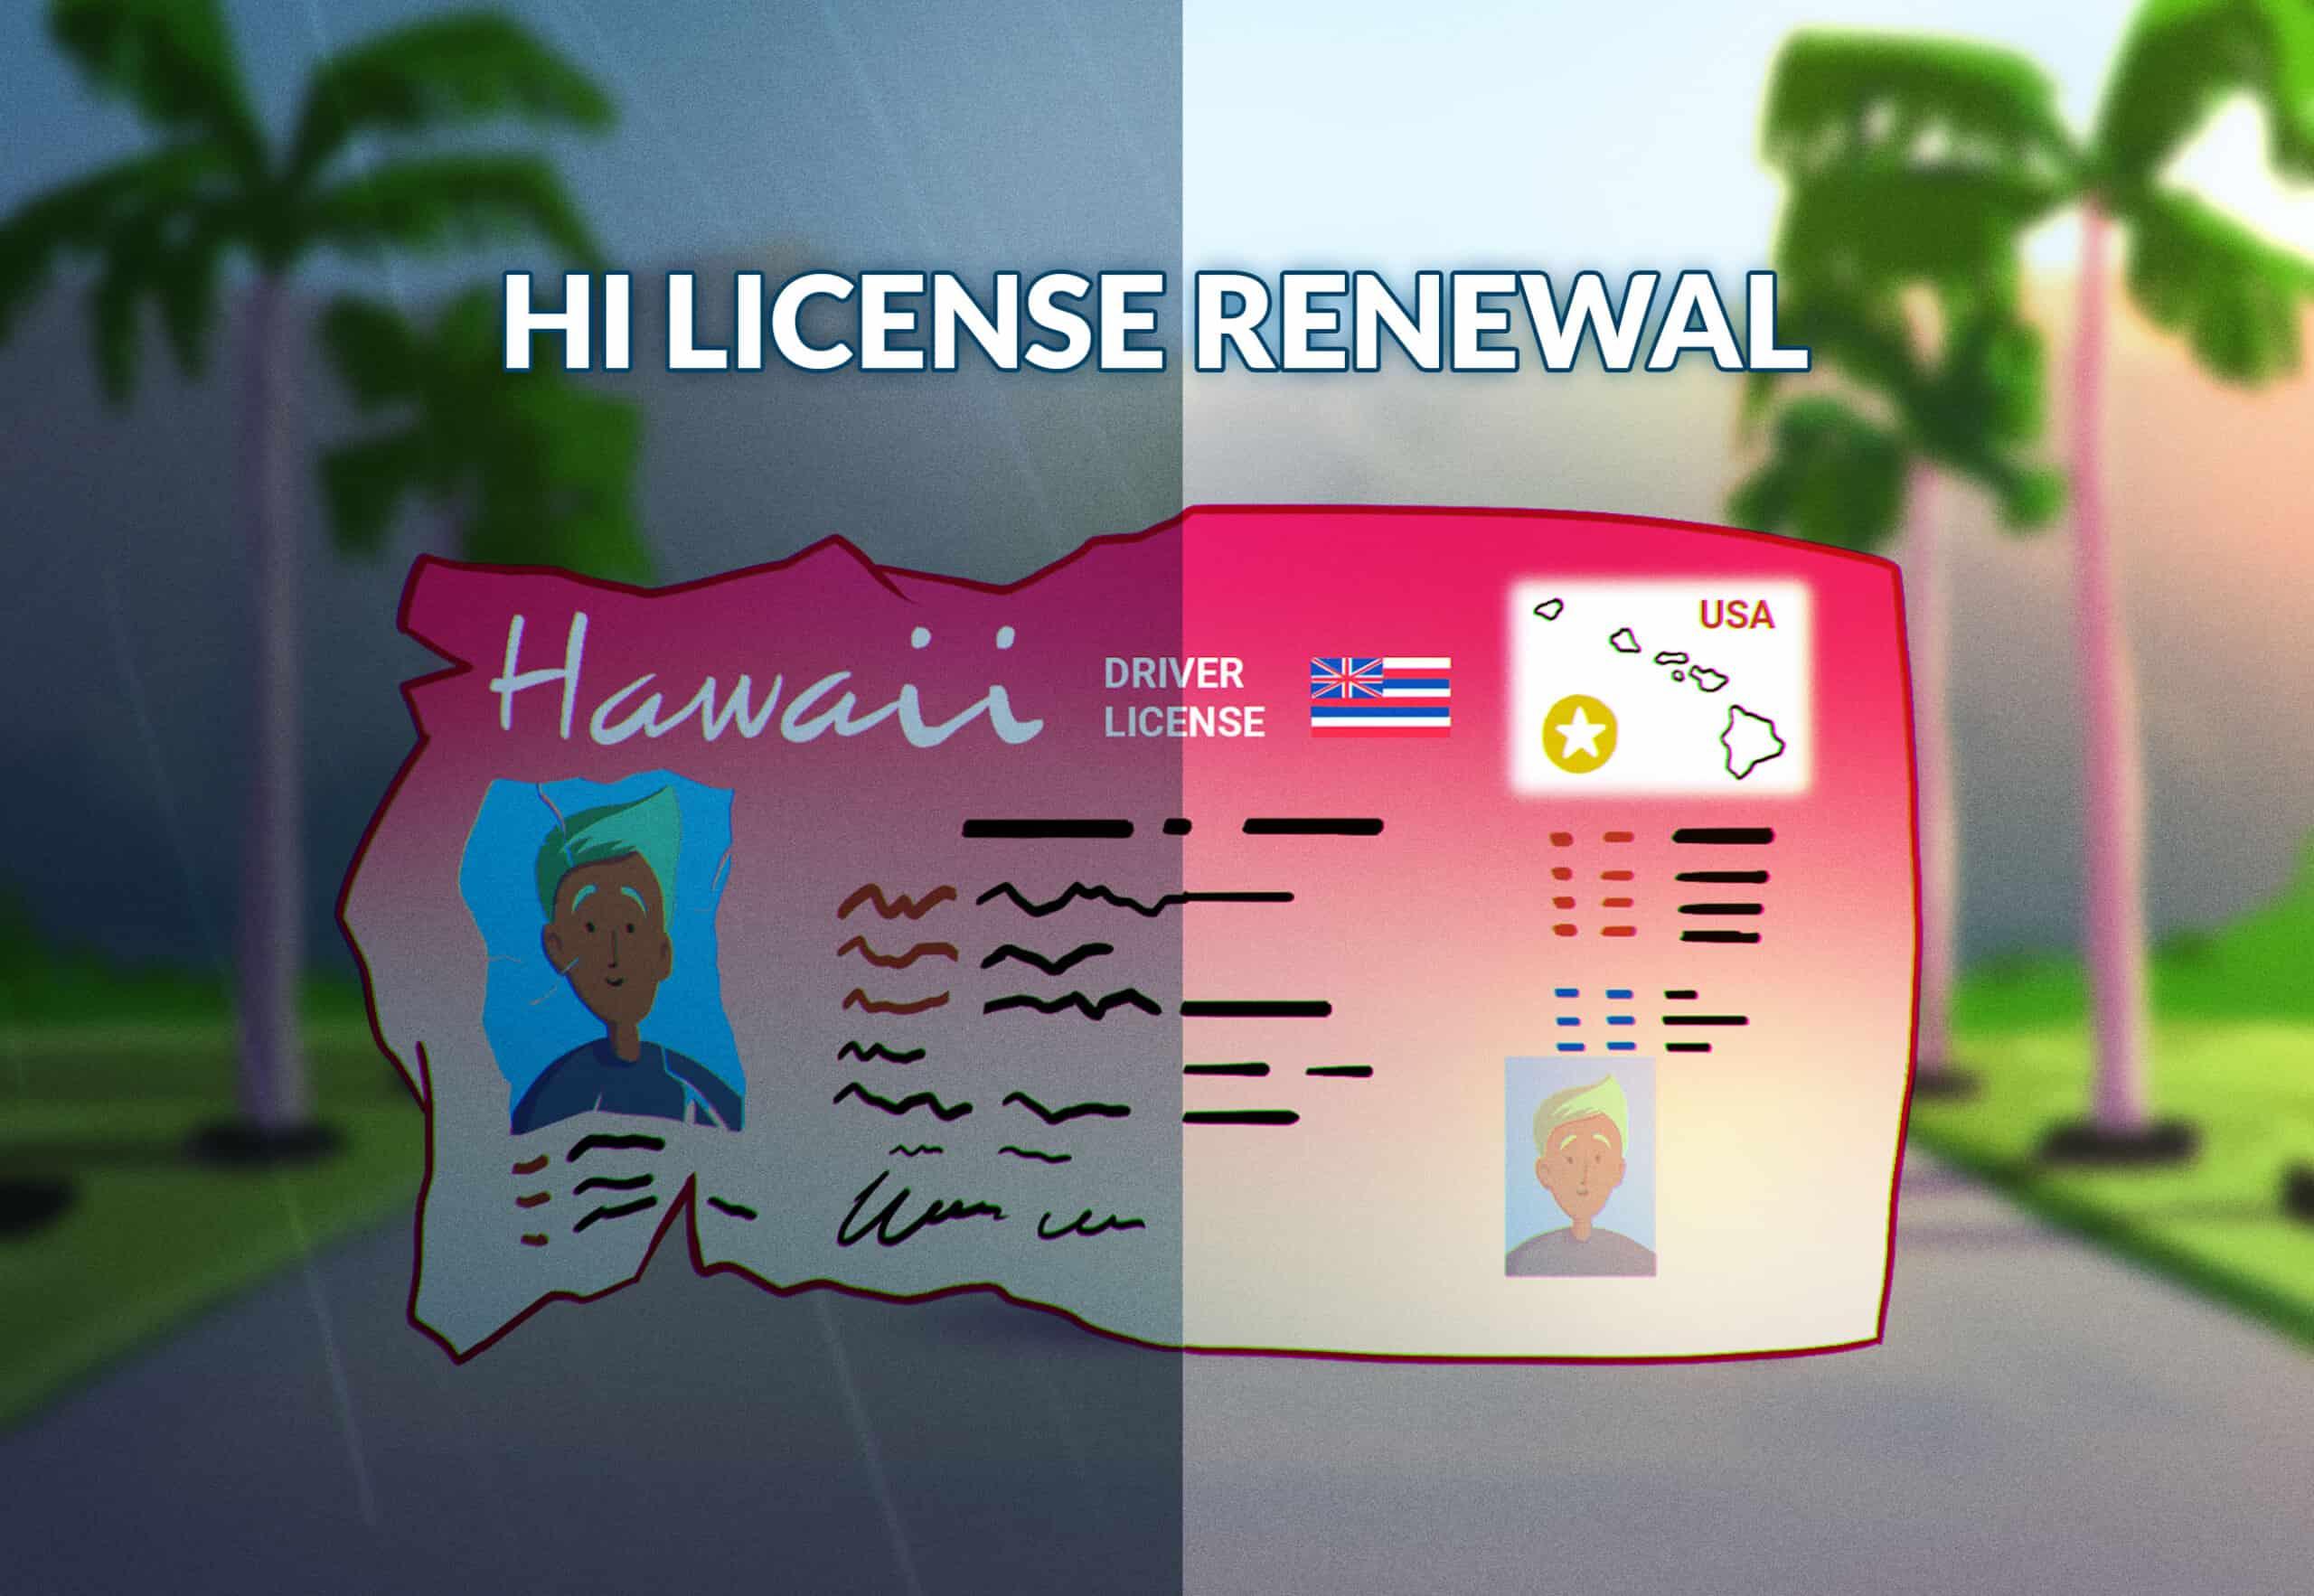 Hawaii Driver's License Renewal